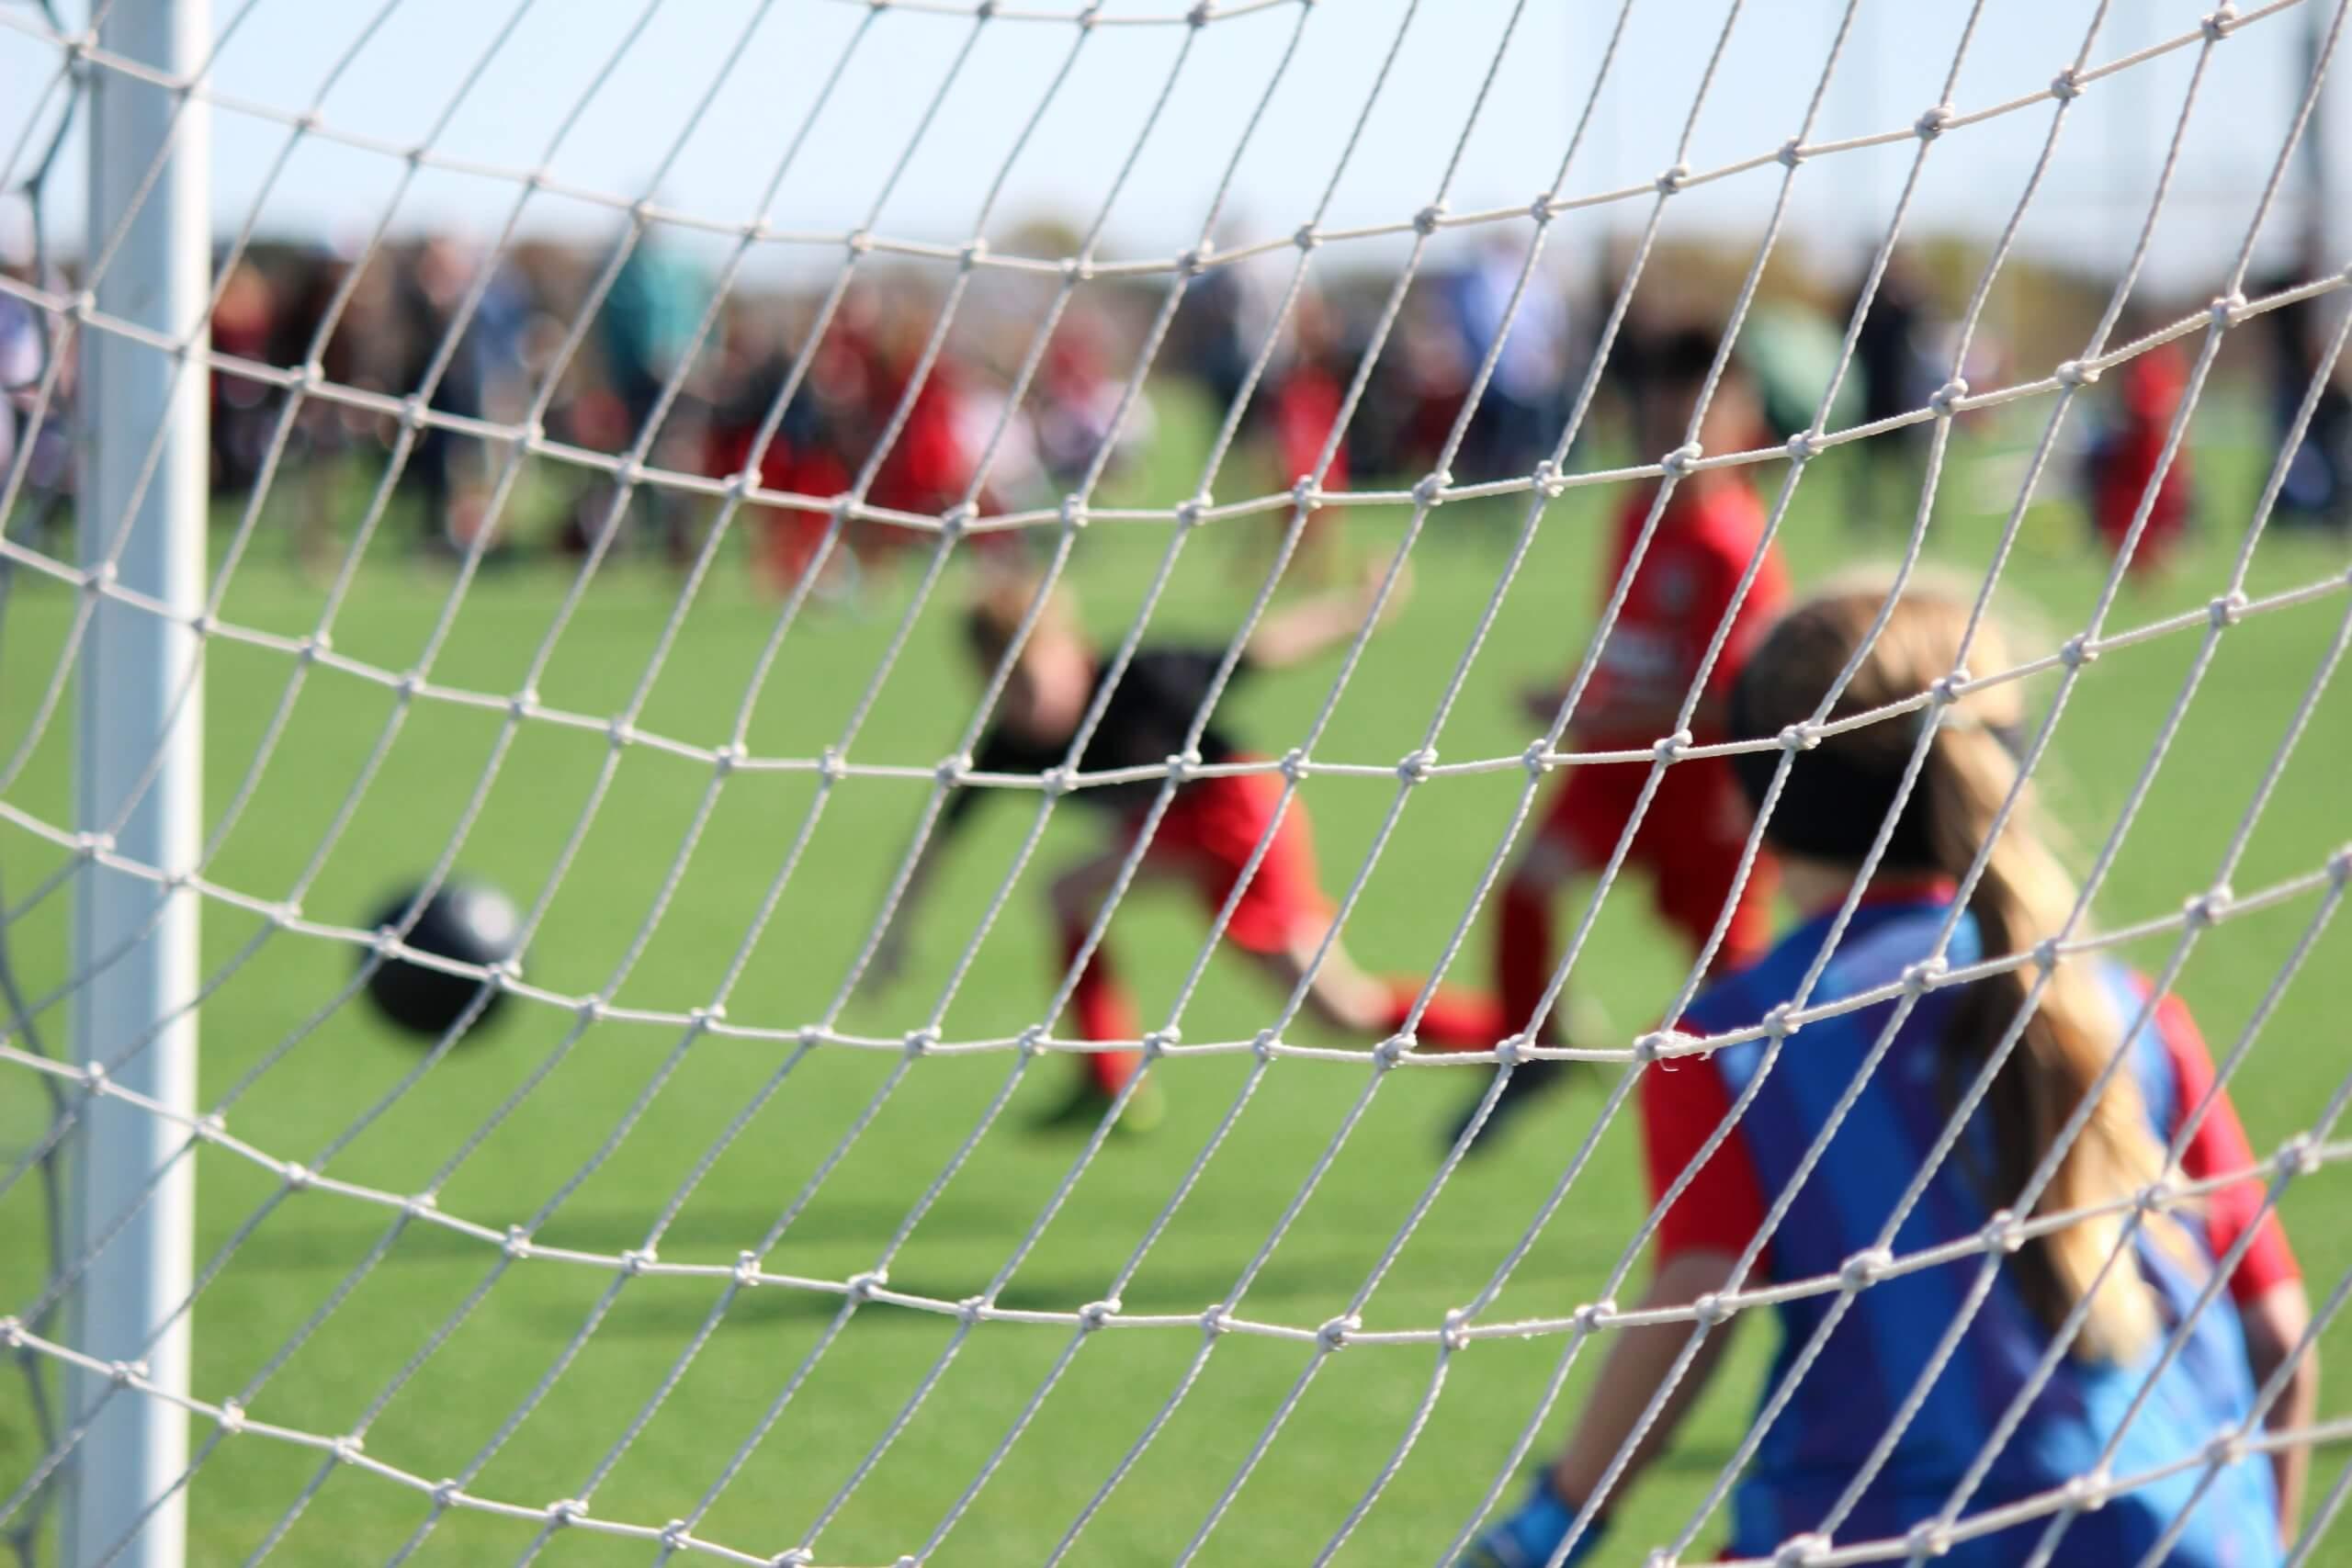 Wird man zum besseren Menschen, wenn man Fußball spielt?